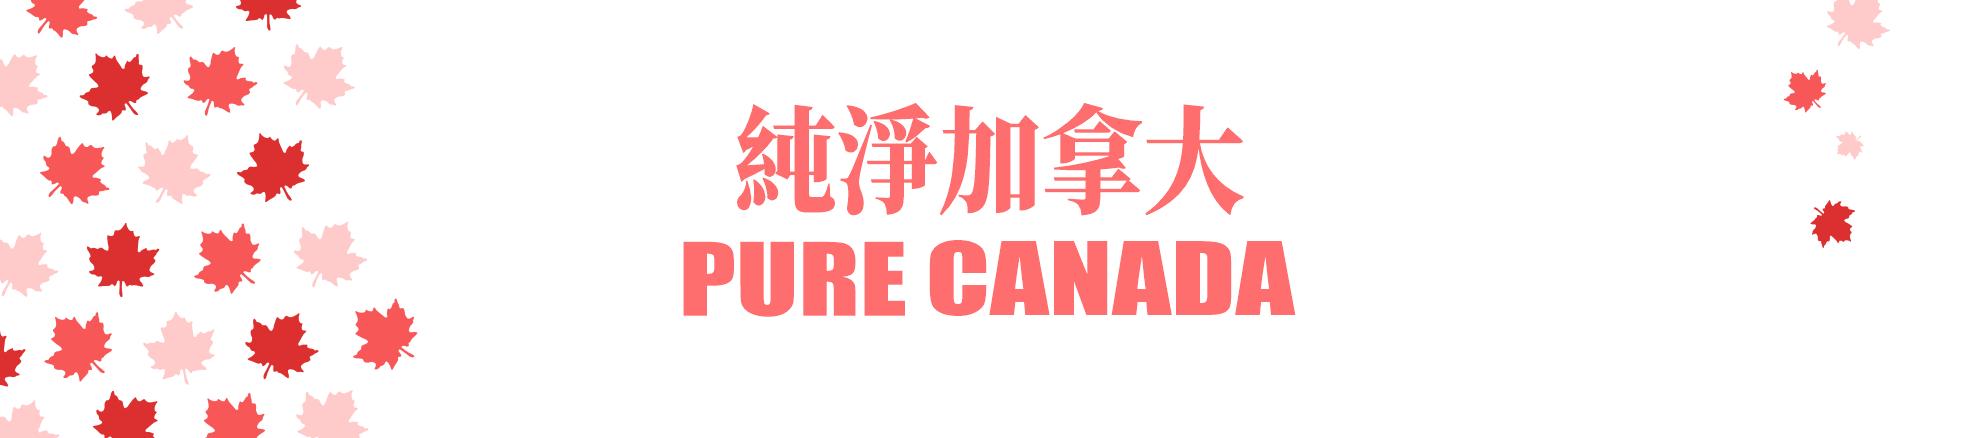 純淨加拿大品牌品牌